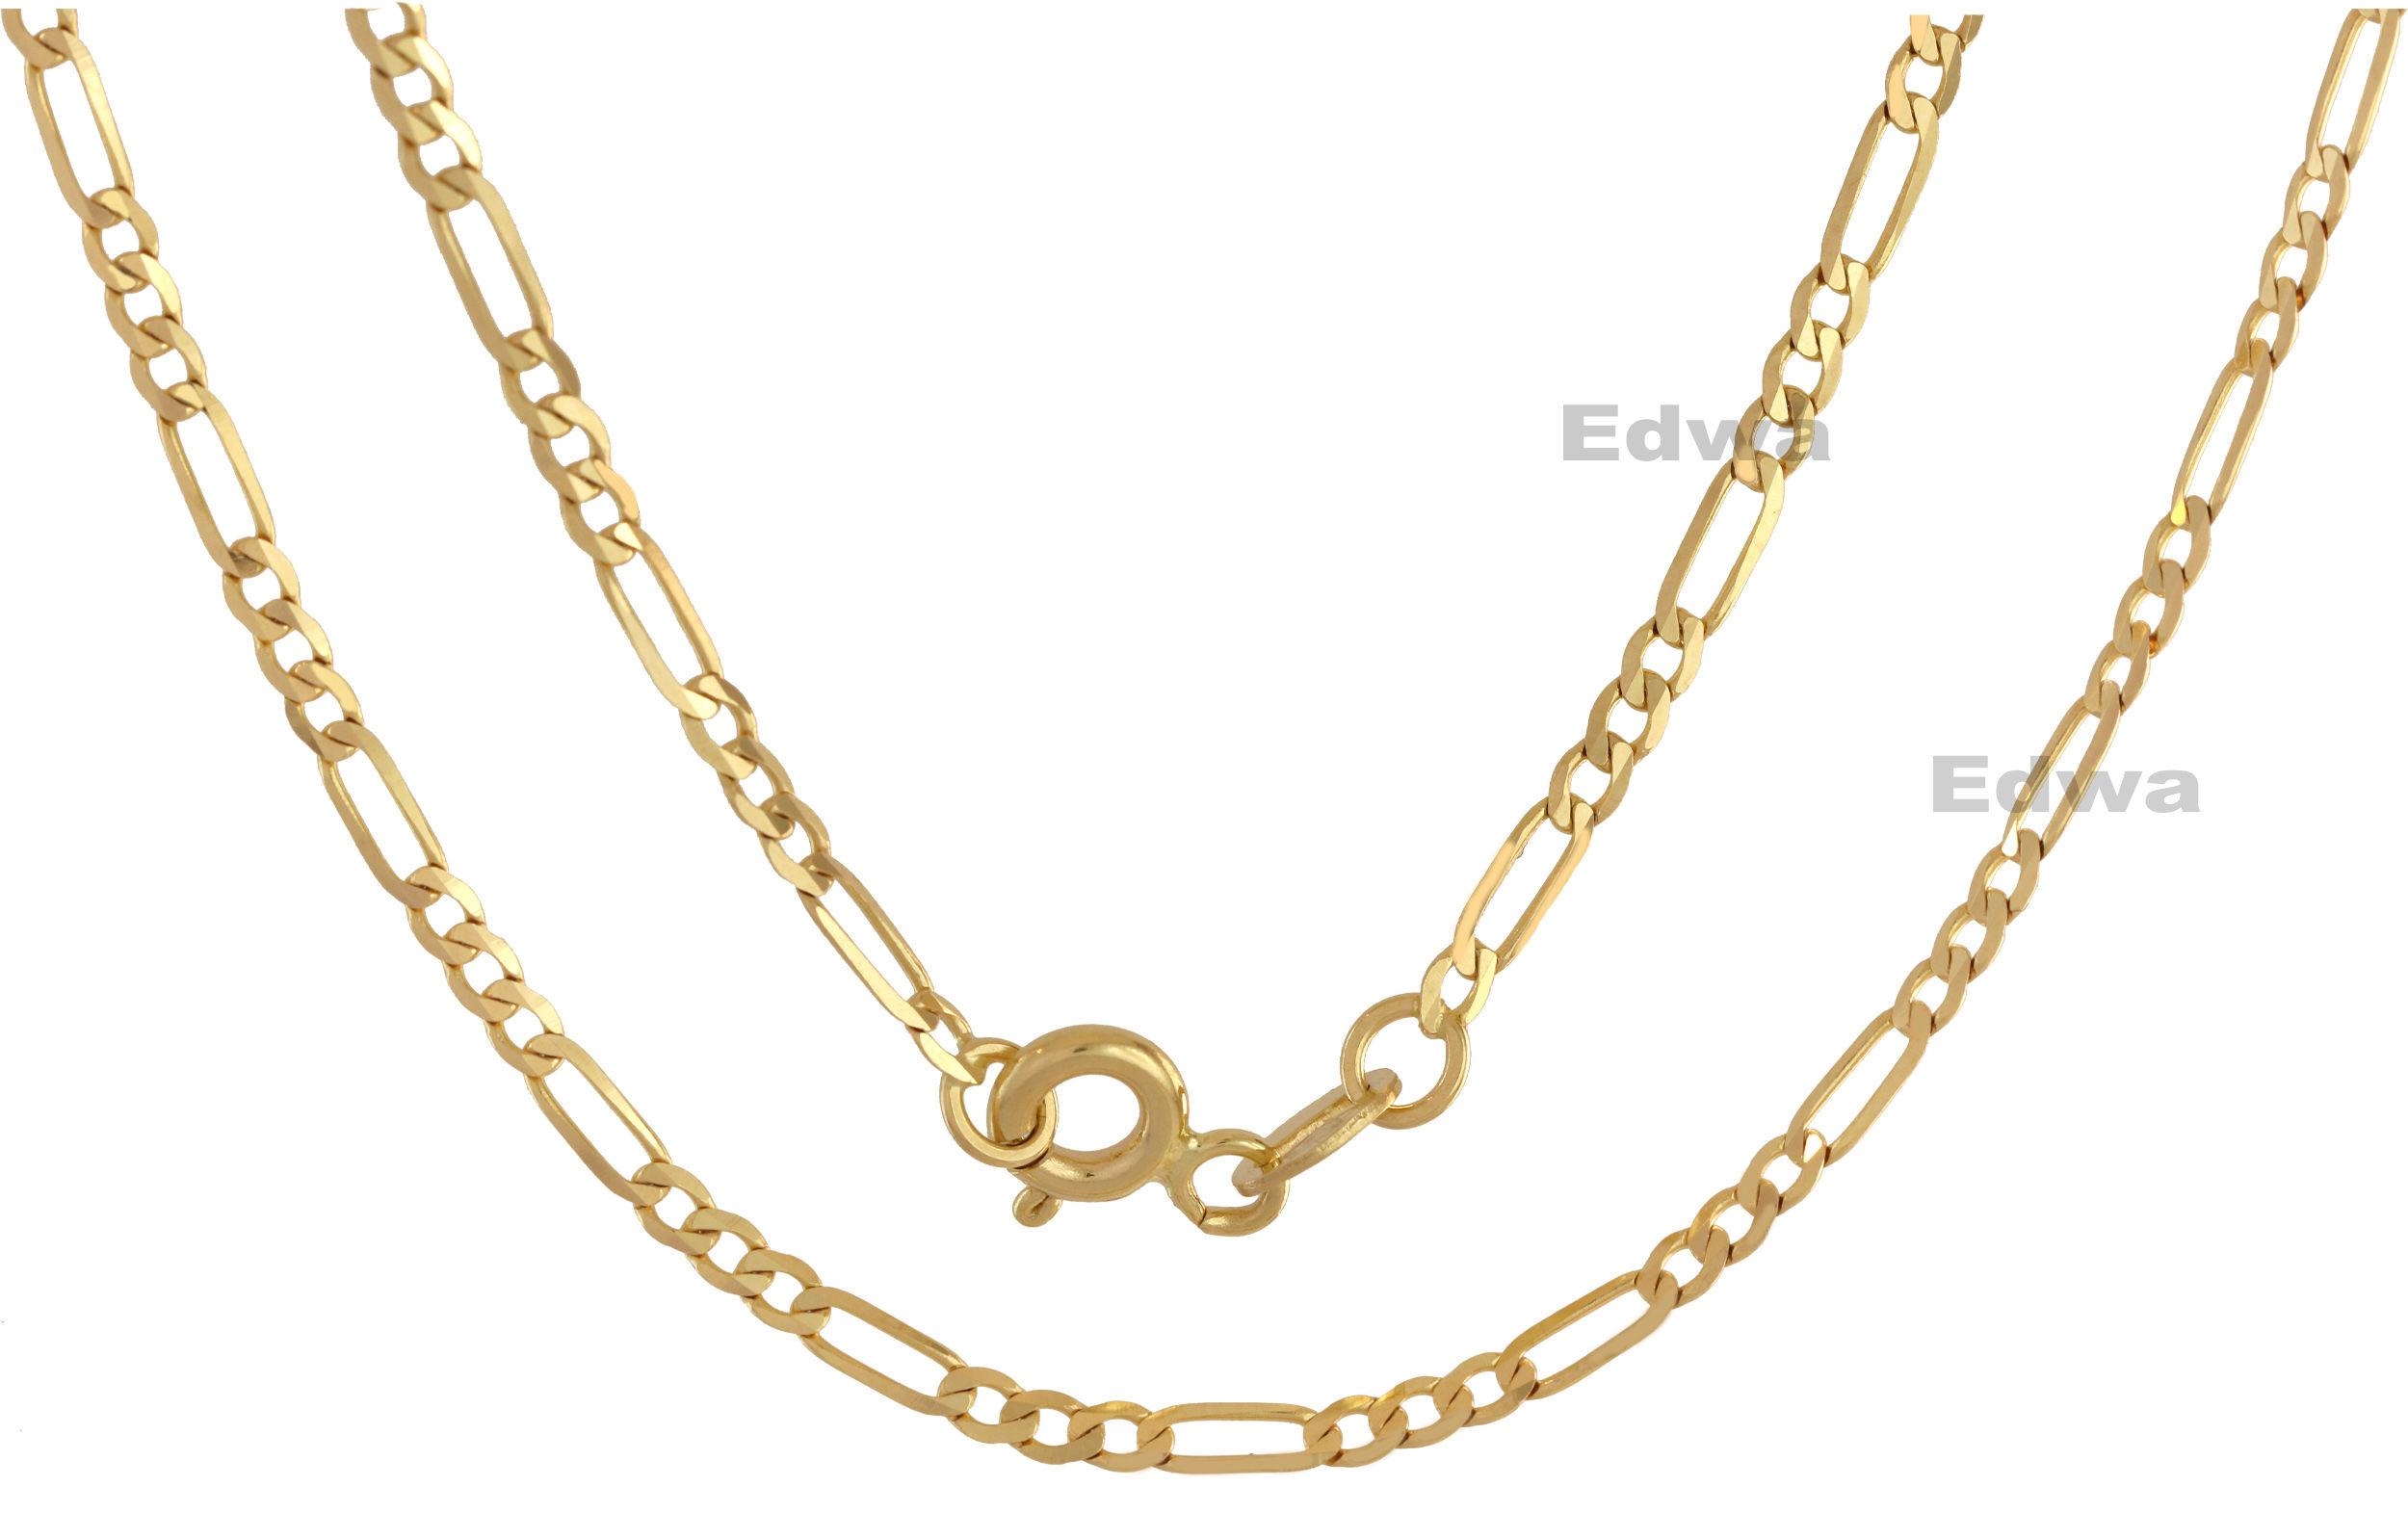 Łańcuszek złoty (Pełny) Figaro pr.585. 45 cm